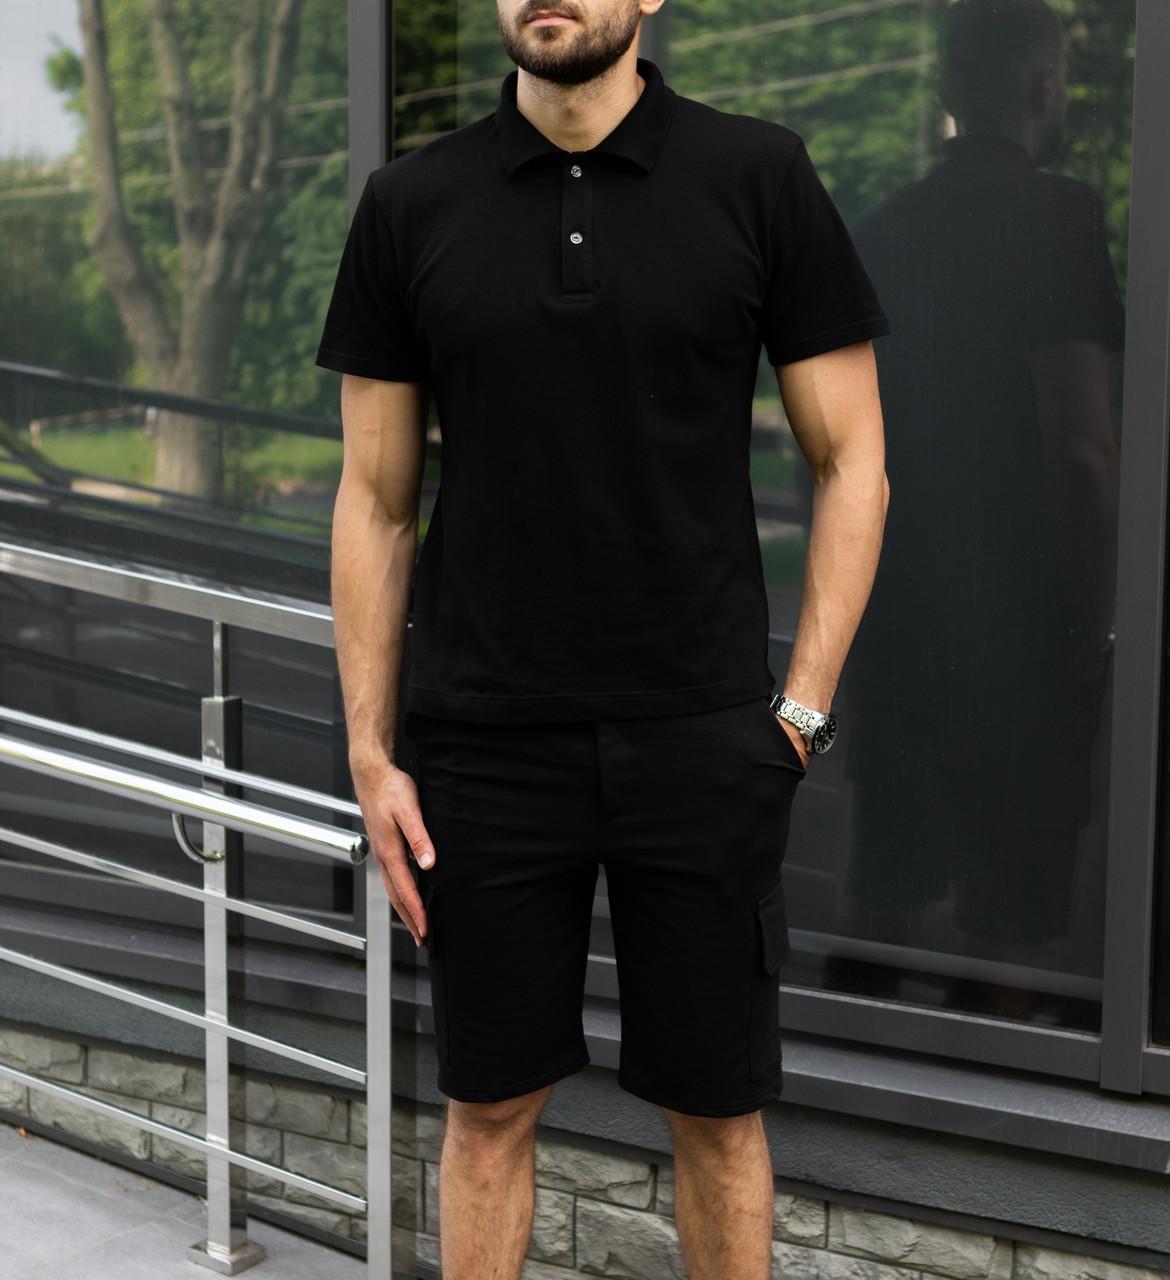 Мужской летний комплект чёрное поло и чёрные шорты с карманами по боках